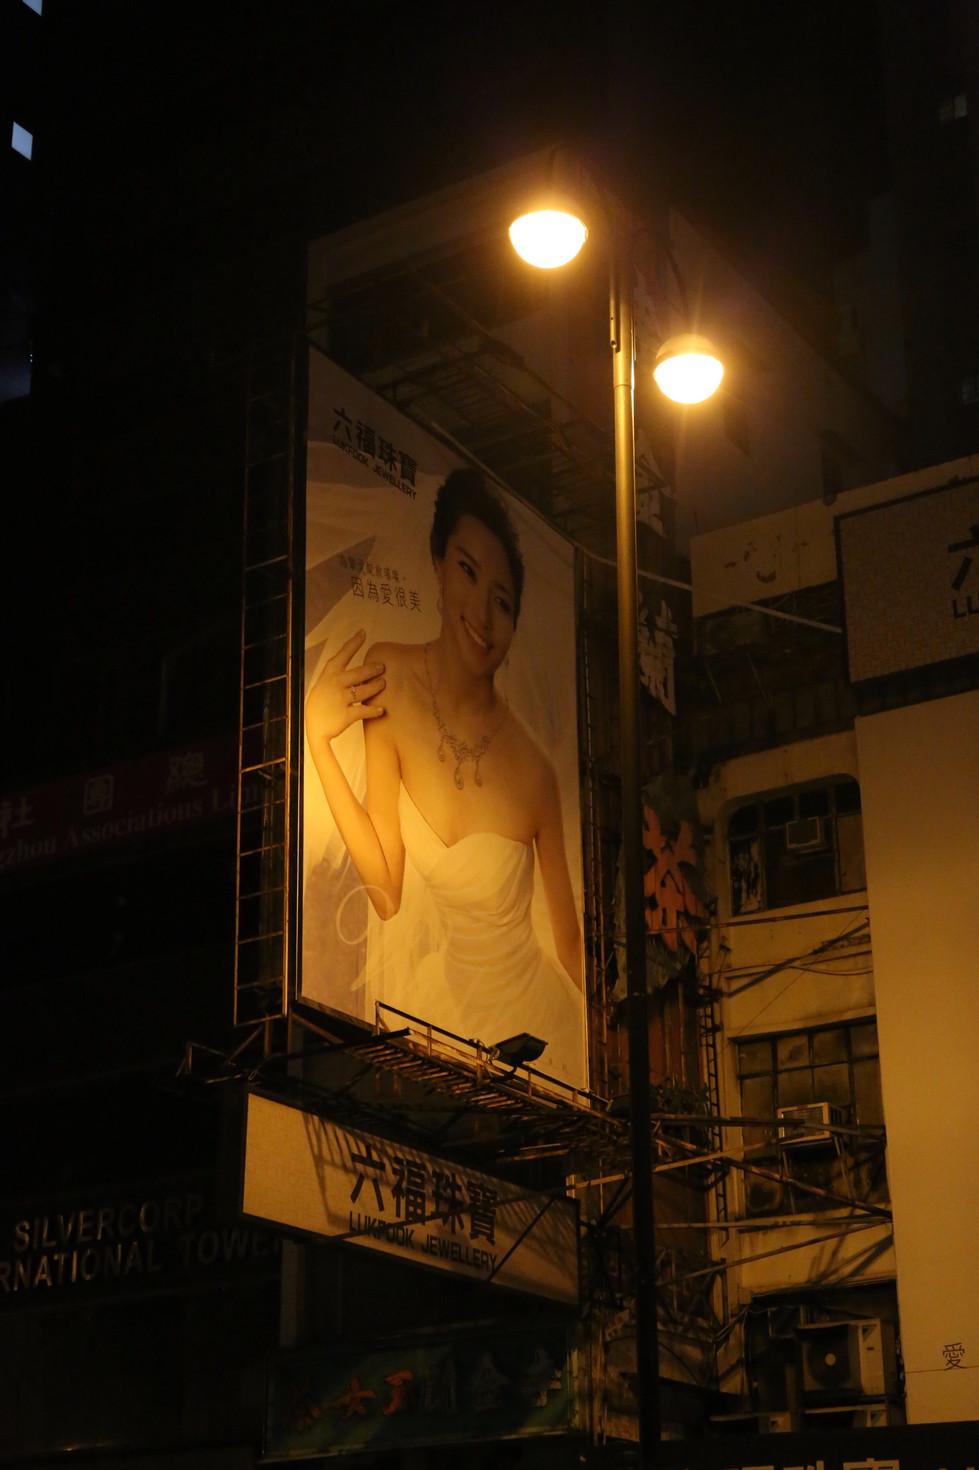 HongKong, China